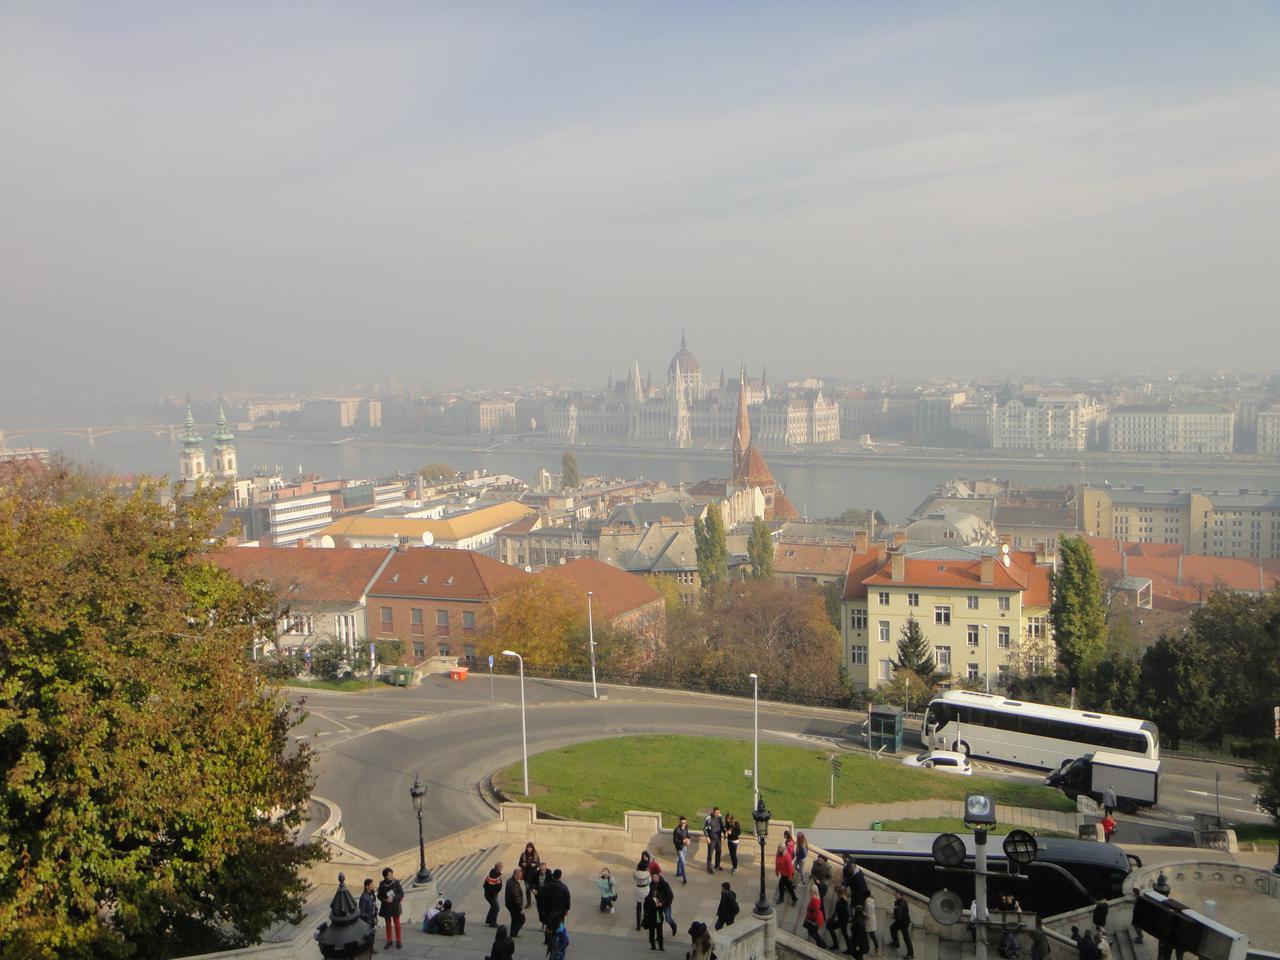 画像: ペスト地区を一望、川の向こうに国会議事堂(弊社スタッフ撮影)